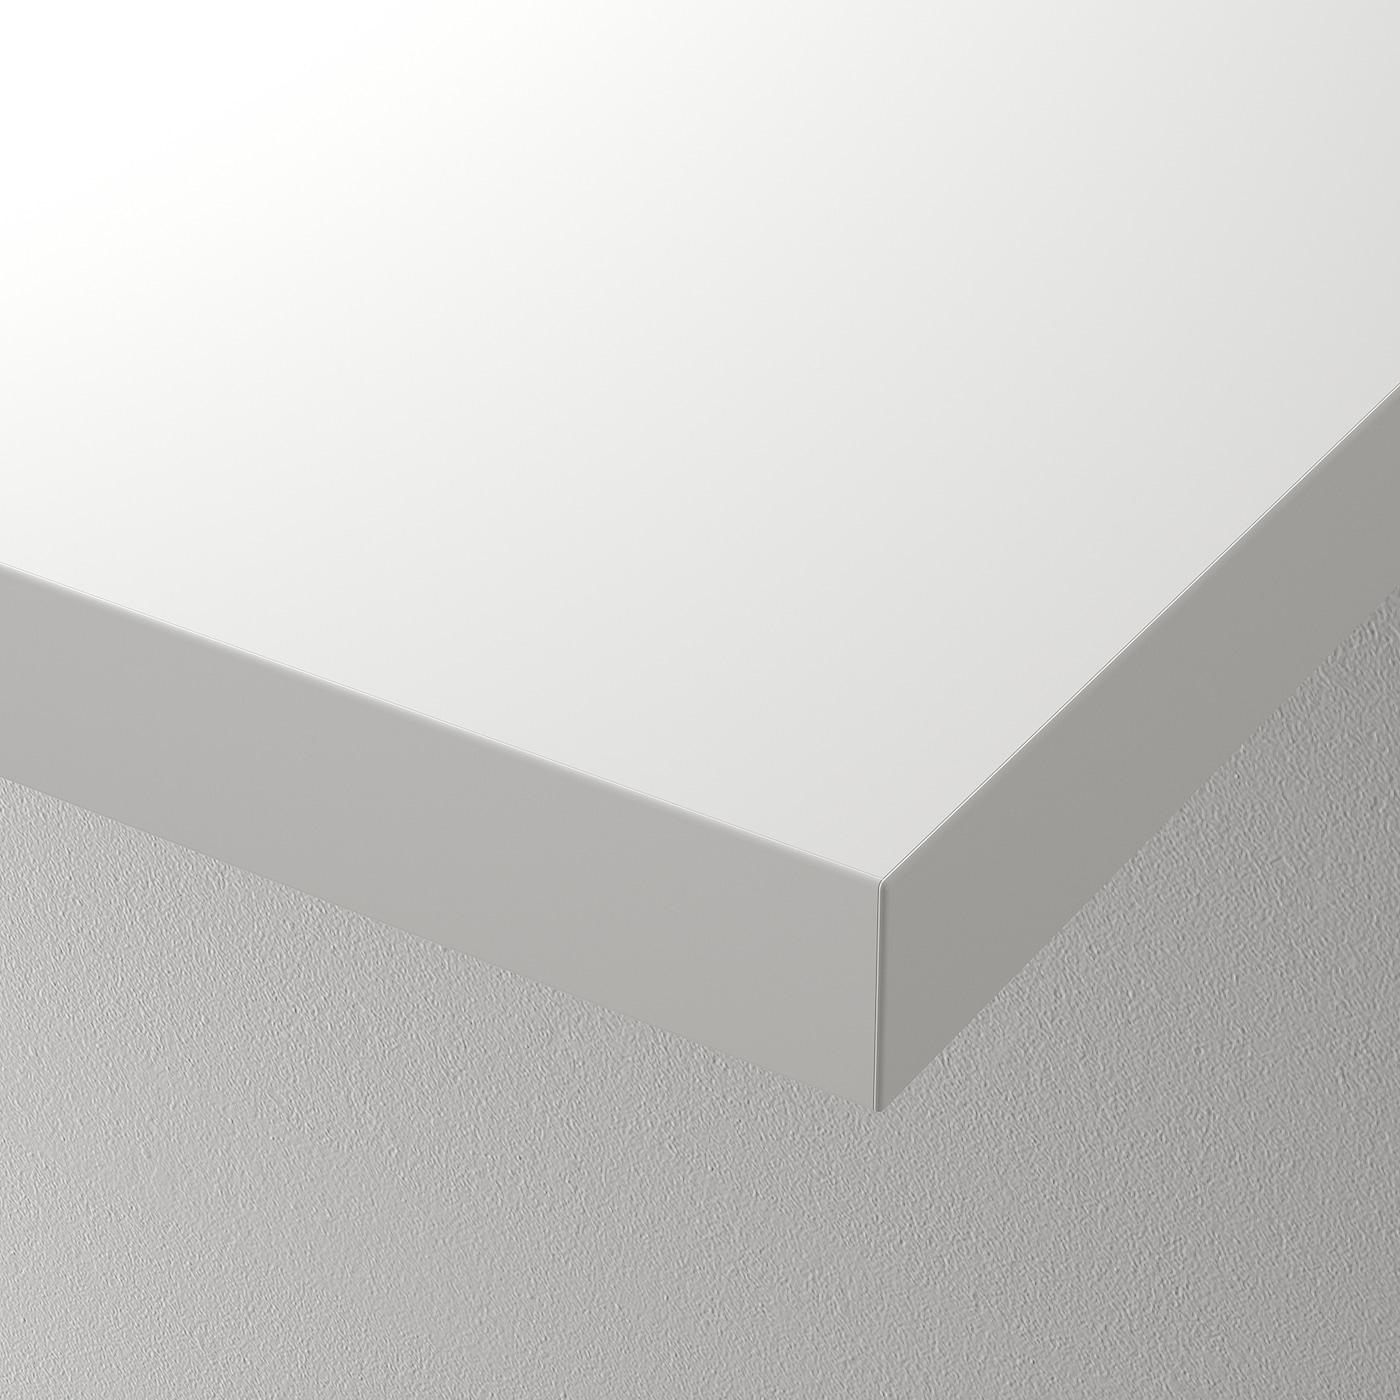 Dessus de table 100x60 cm brun noir Ikea LINNMON